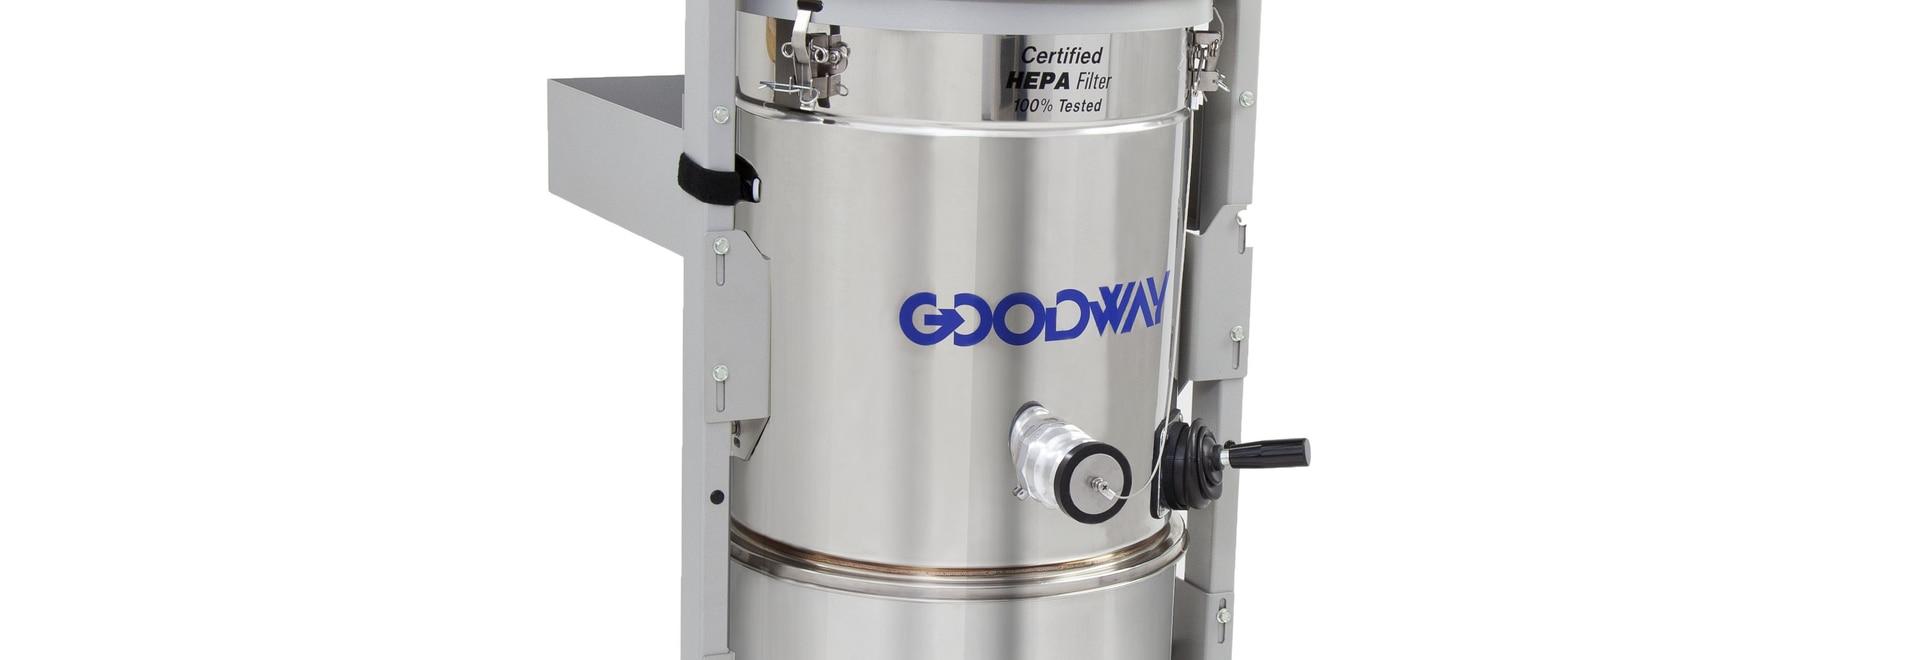 New Vacuum Designed for Hazardous Material Pickup